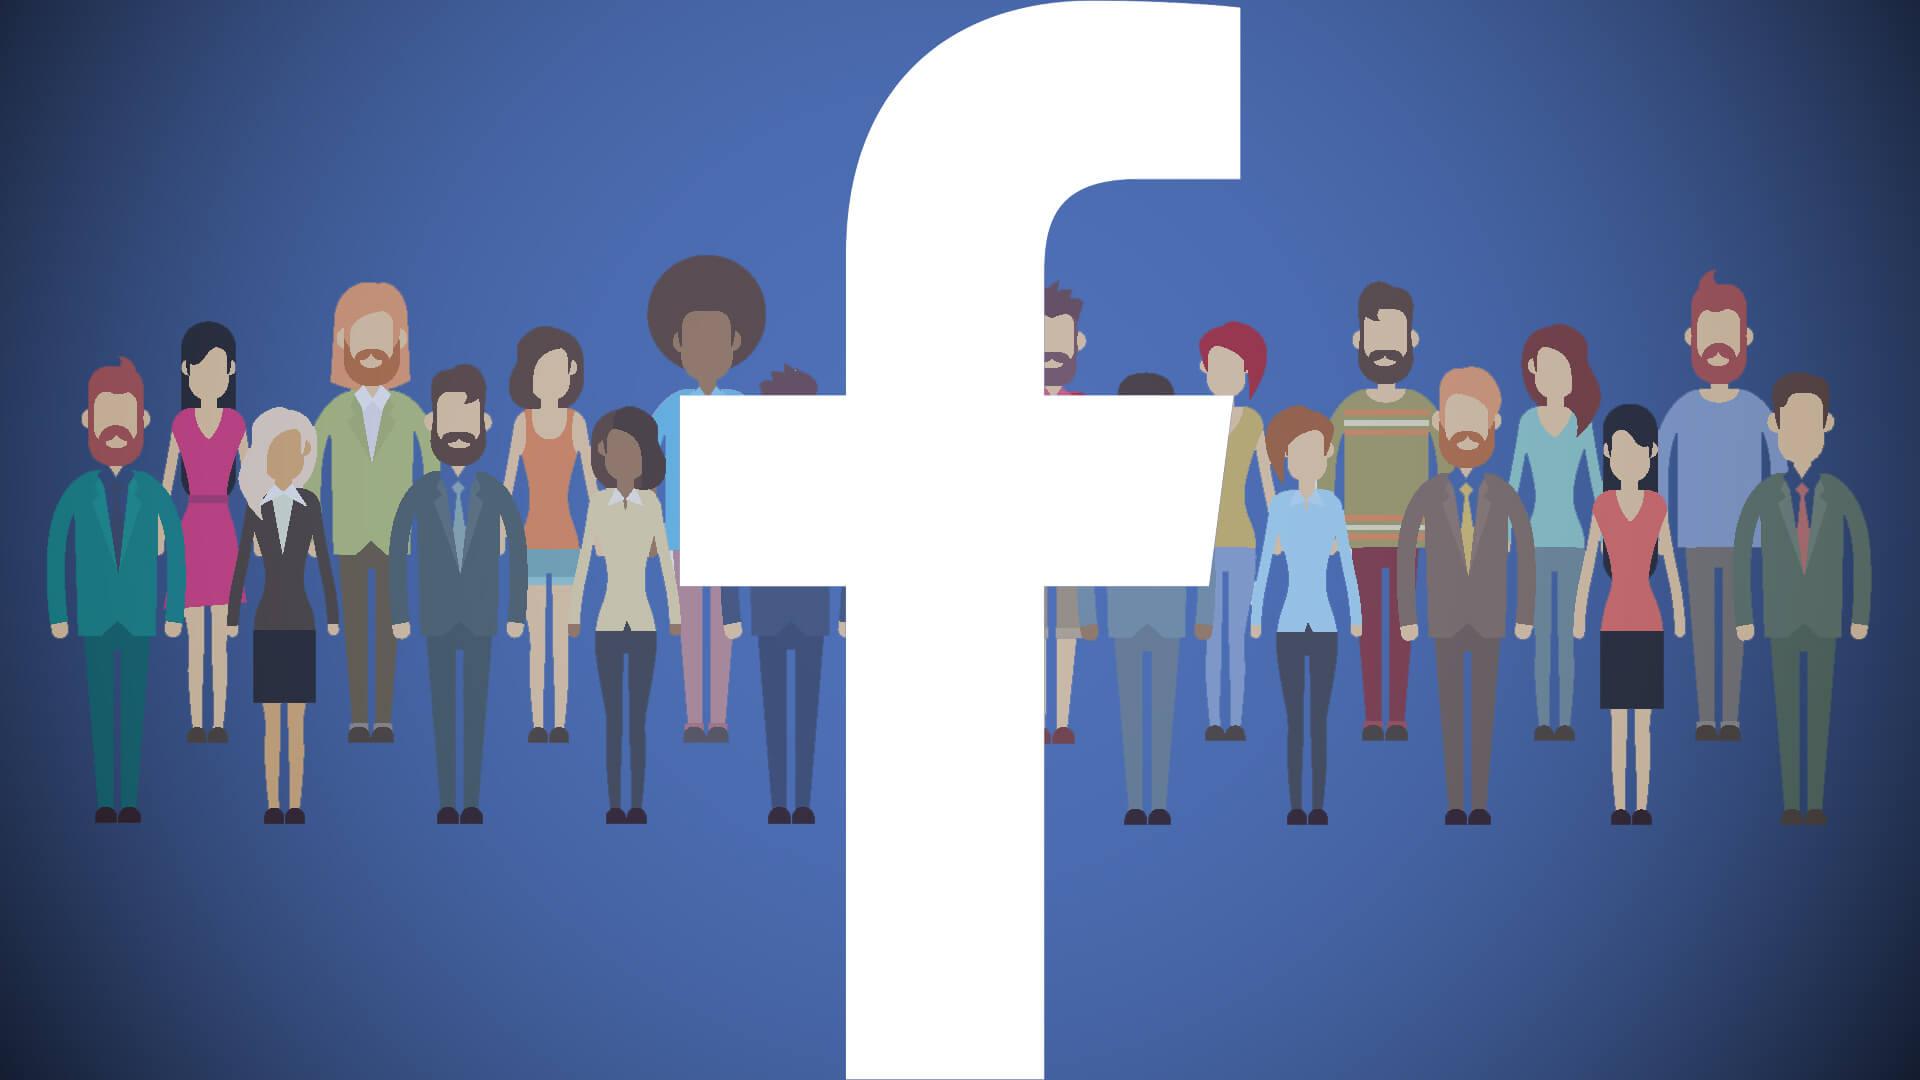 فيسبوك تخطط لزيادة أعداد موظفيها من الأقليات خلال الخمس سنوات القادمة